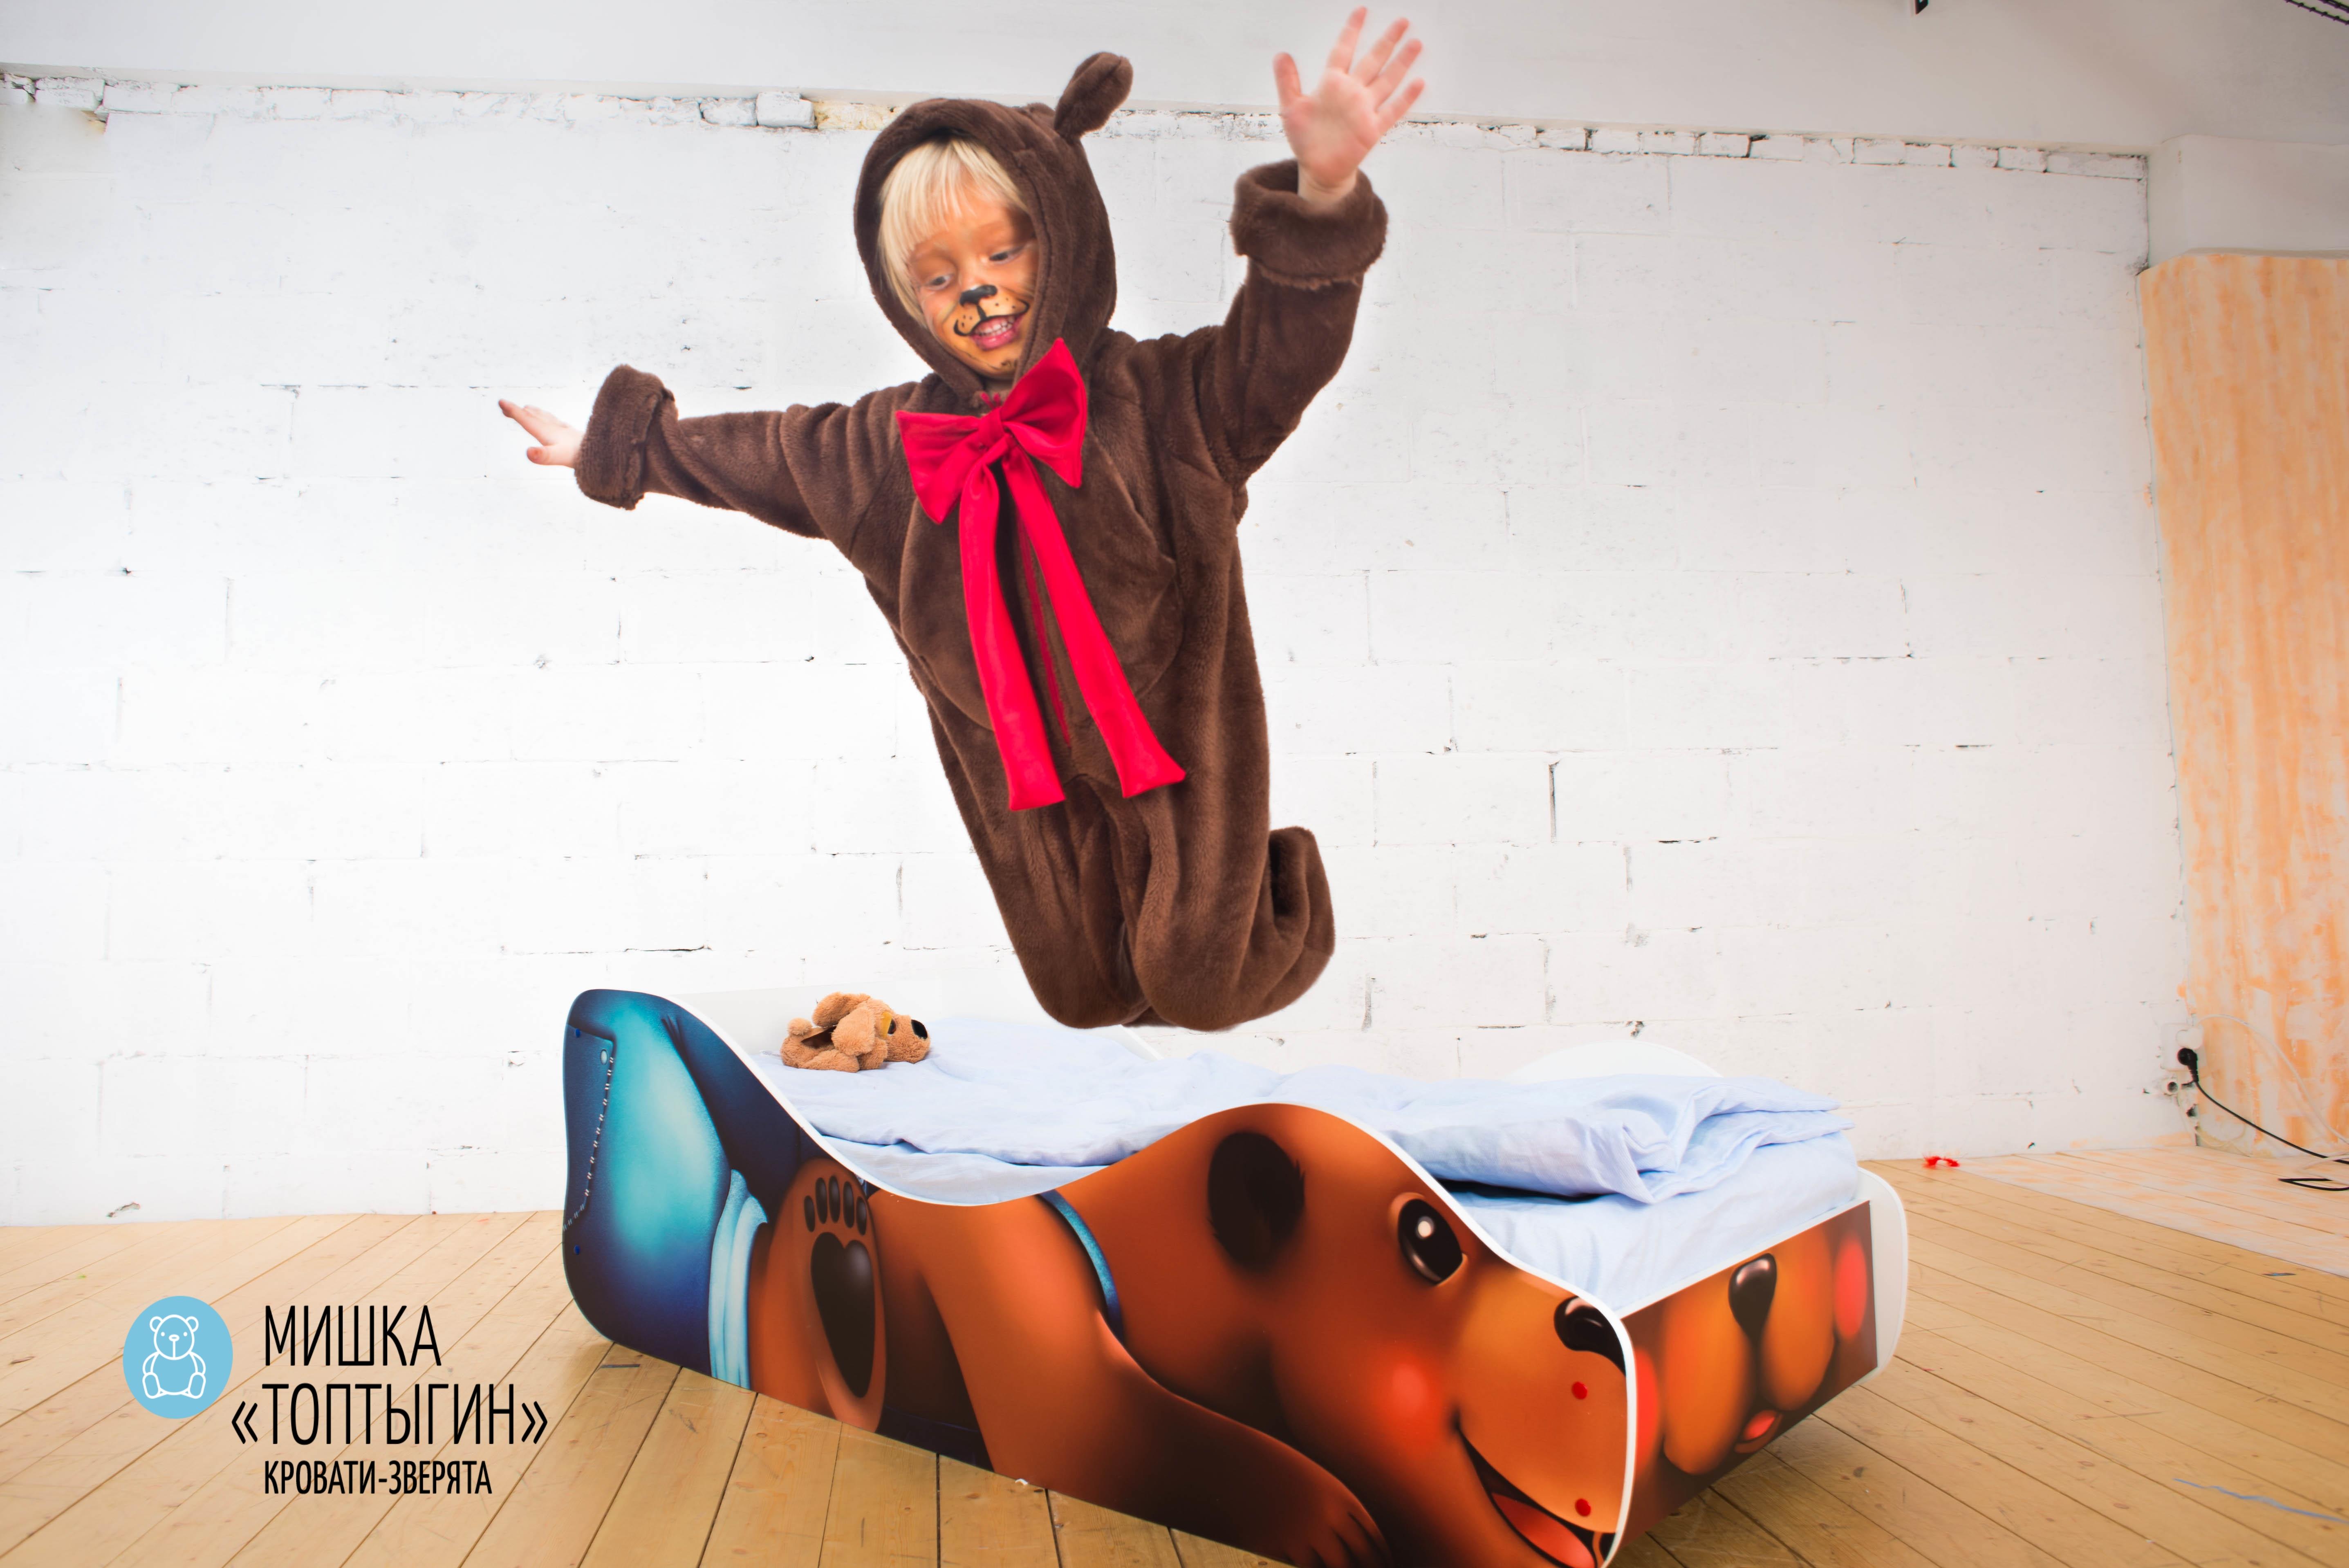 Детская кровать-зверенок -Мишка-Топтыгин-18